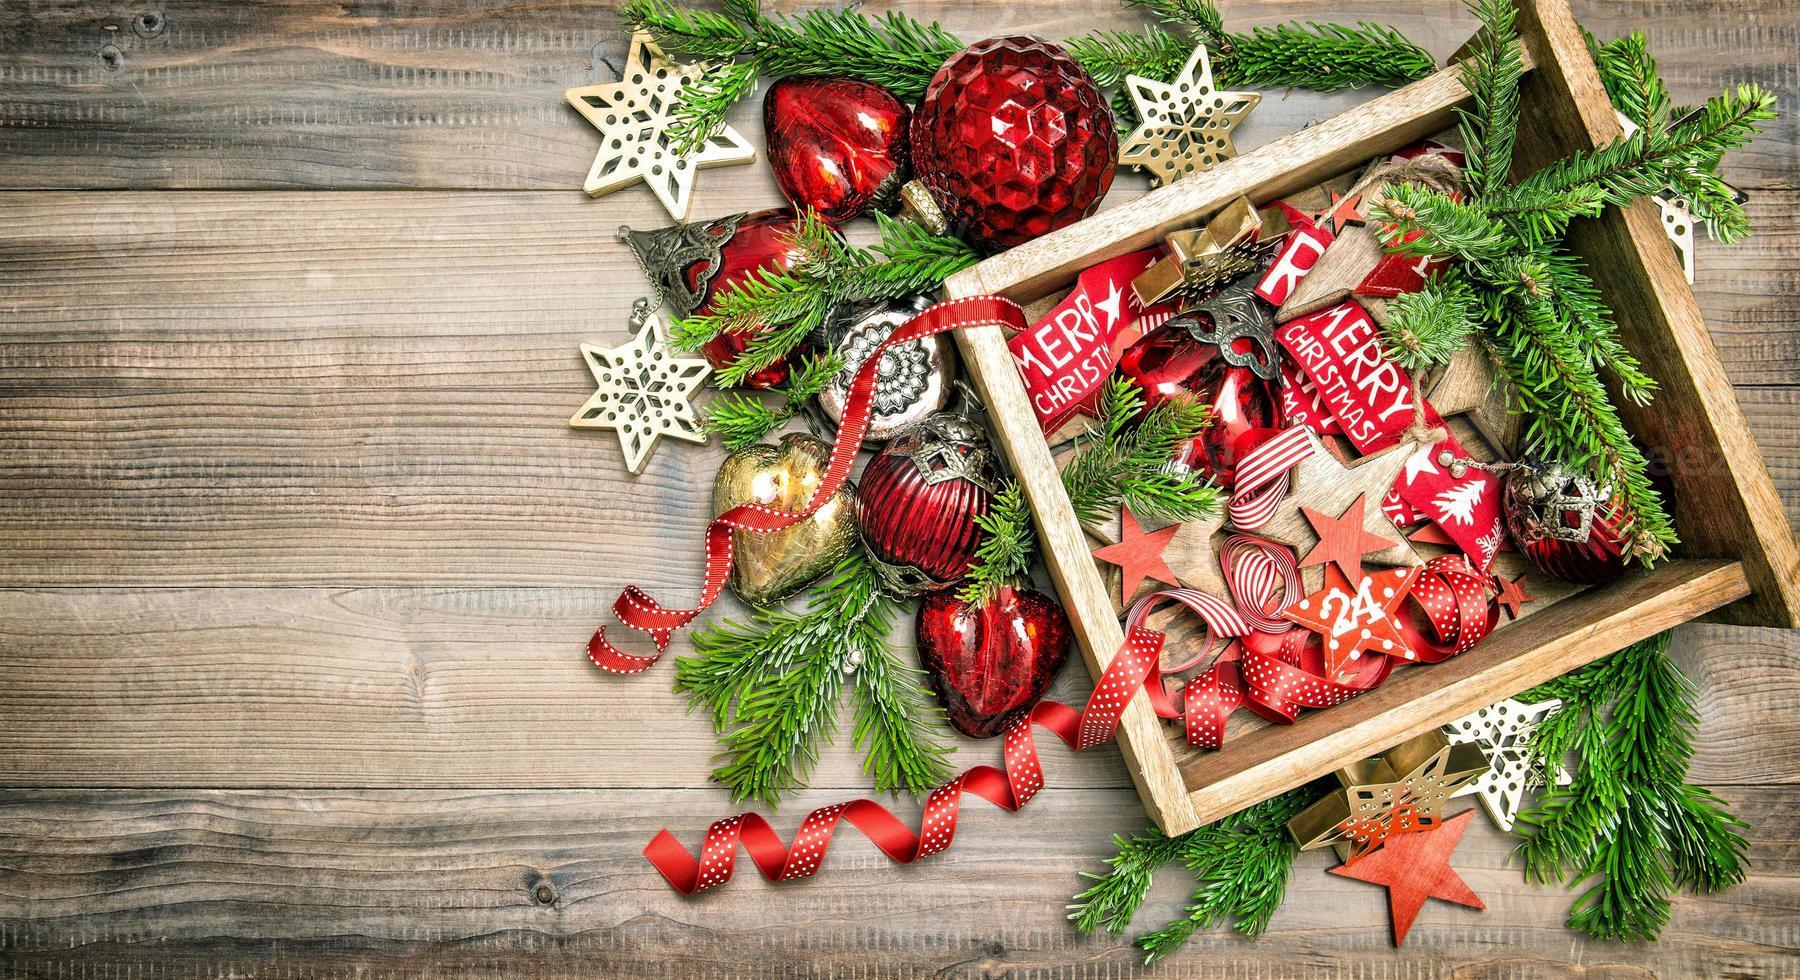 Weihnachtsschmuck, Spielzeug und Ornamente Vintage foto